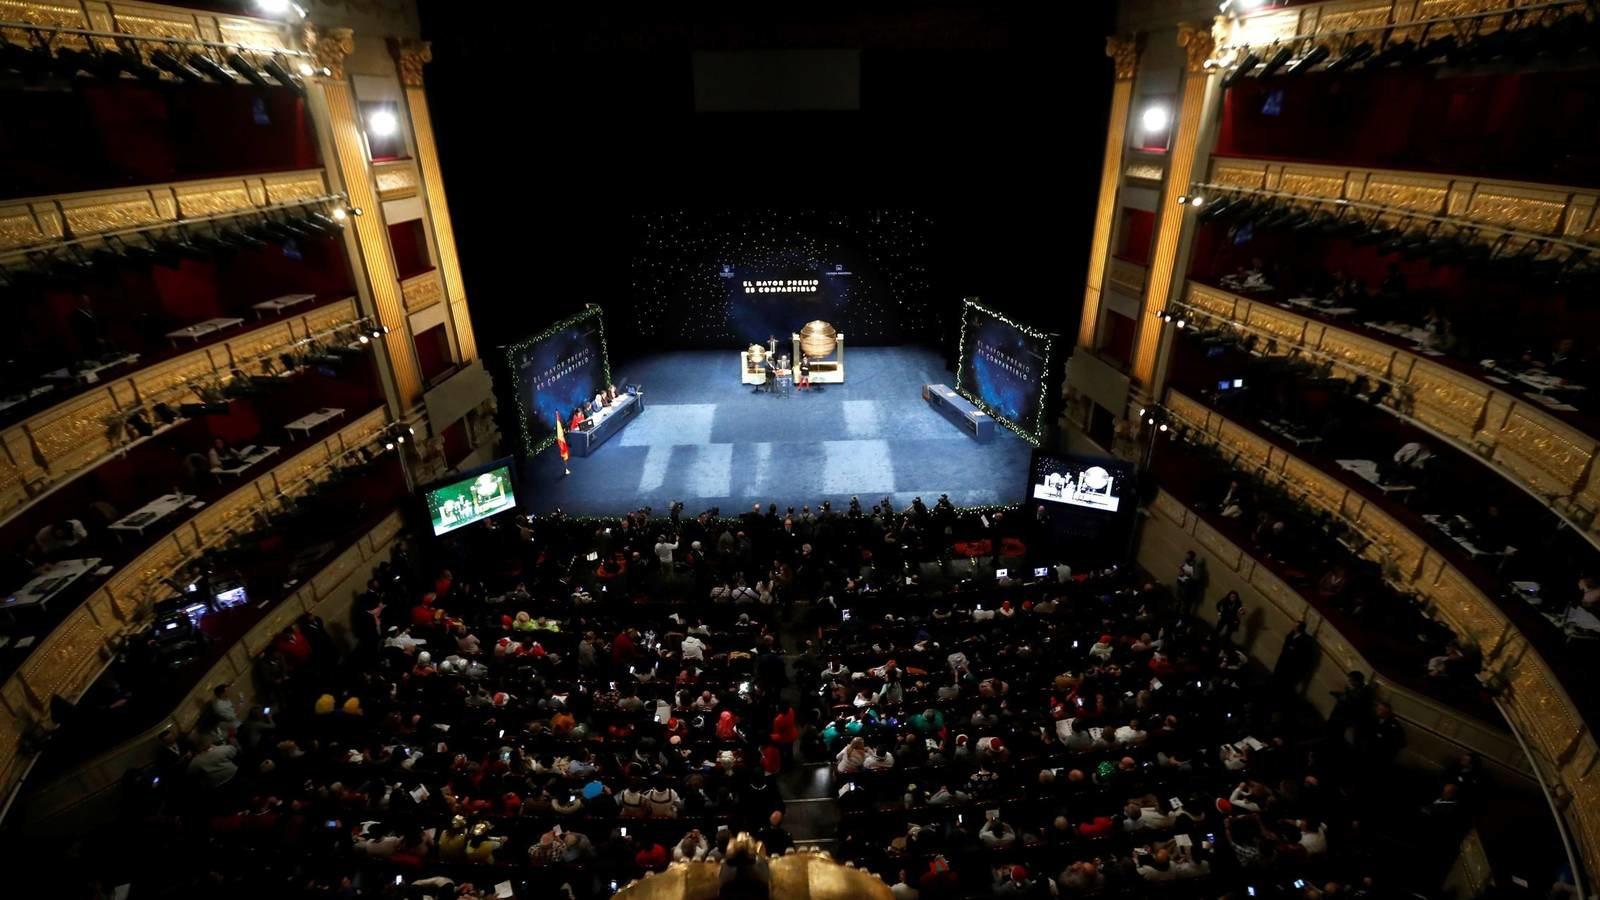 Imagen del Teatro Real de Madrid, donde se celevra cada año el sorteo de Navidad